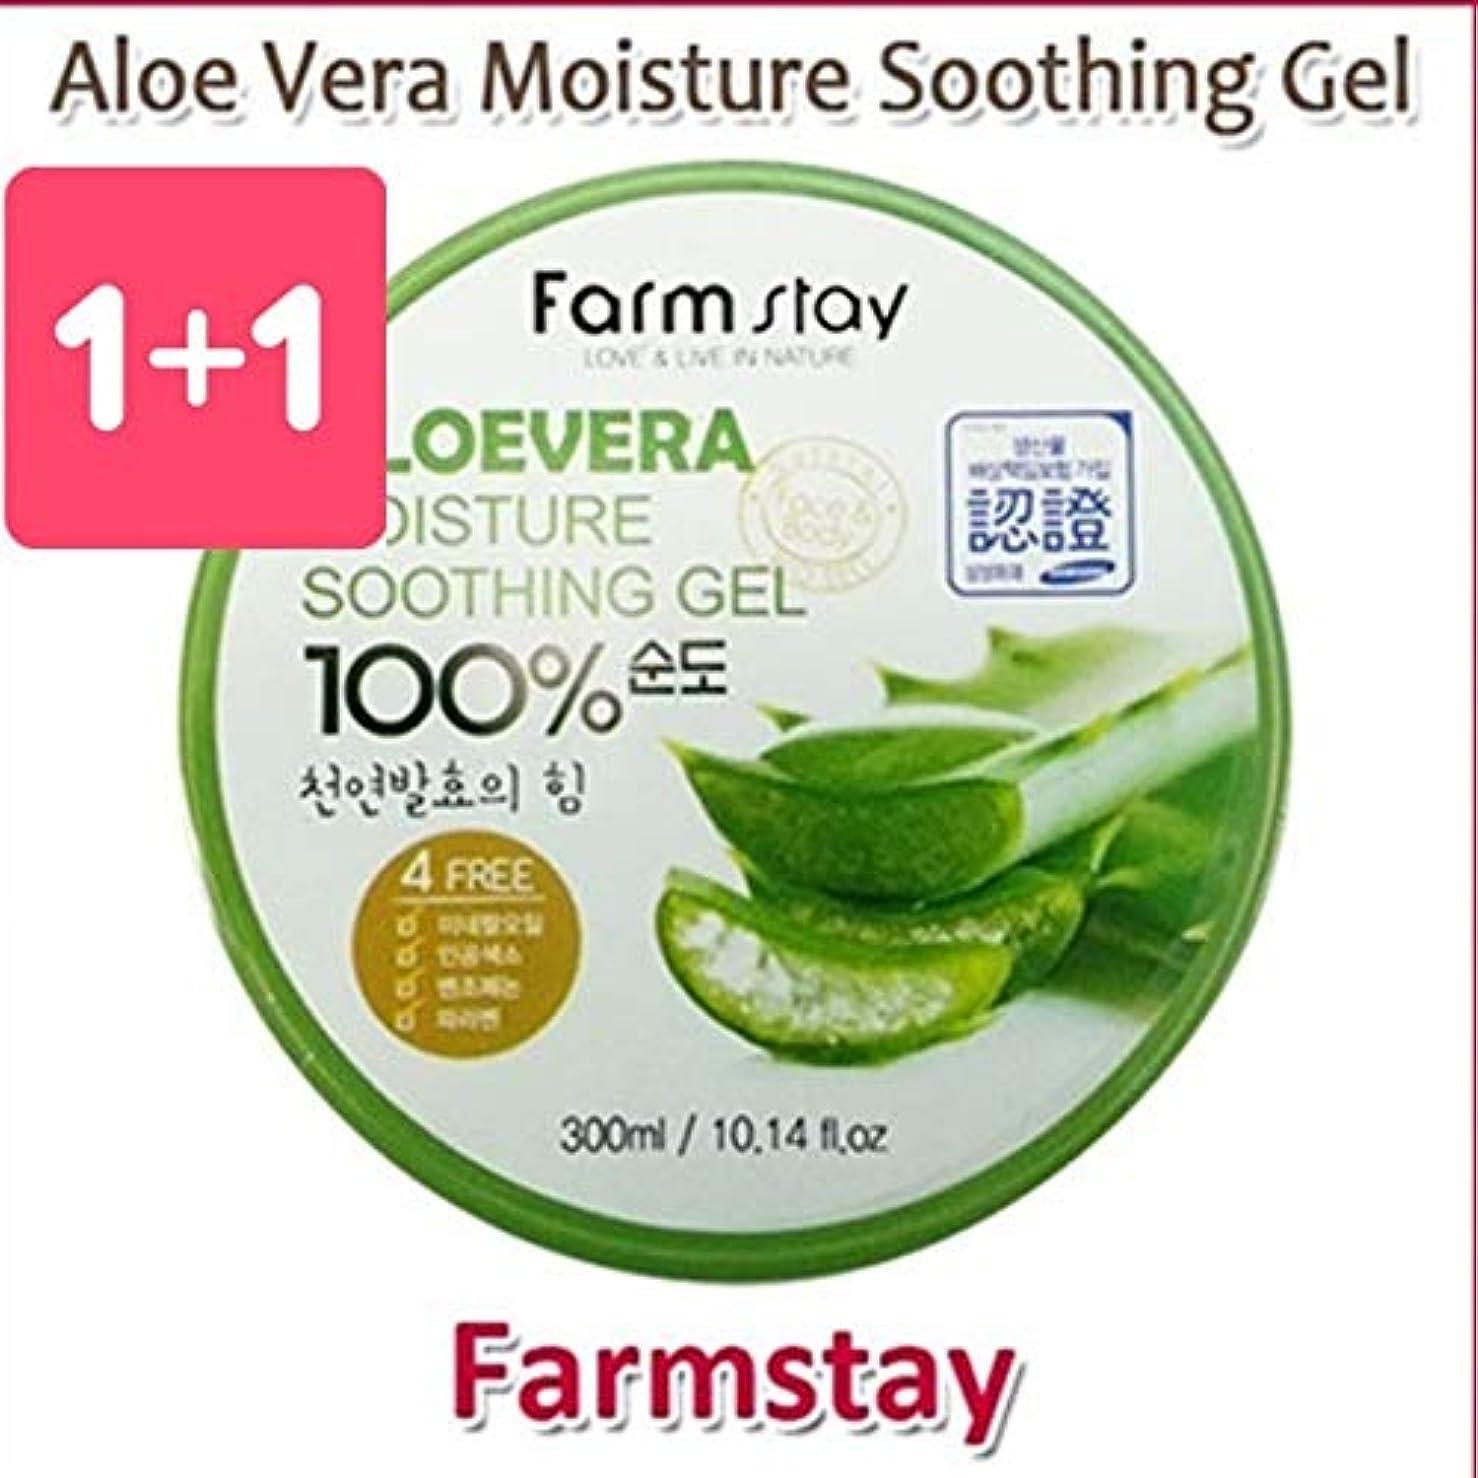 愛人確率恐怖Farm Stay Aloe Vera Moisture Soothing Gel 300ml 1+1 Big Sale/オーガニック アロエベラゲル 100%/保湿ケア/韓国コスメ/Aloe Vera 100% /Moisturizing...